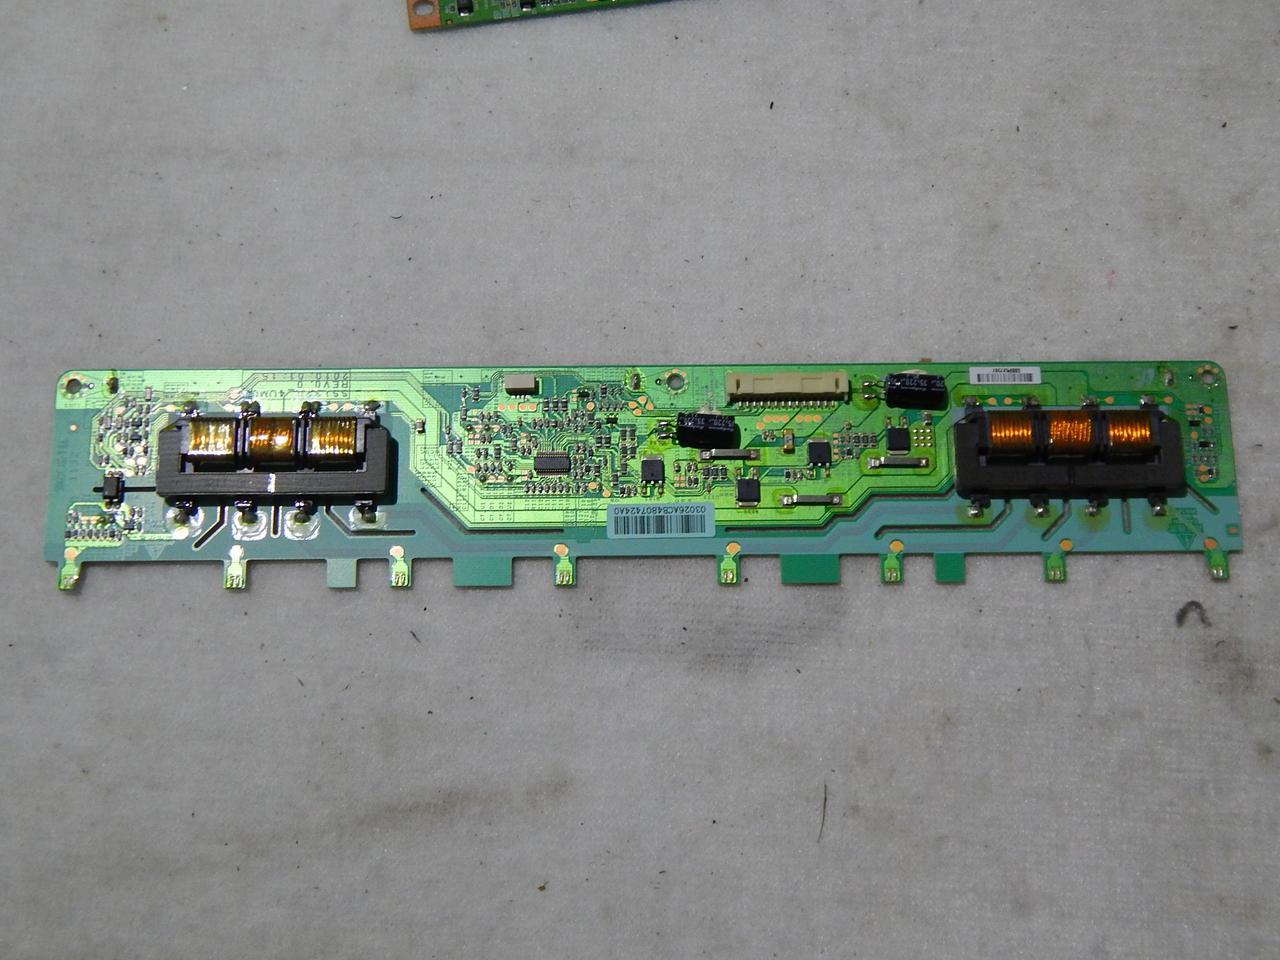 Інвертор SSI320_4UM0.1 для телевізора Kendo LCD32FHD121 USB